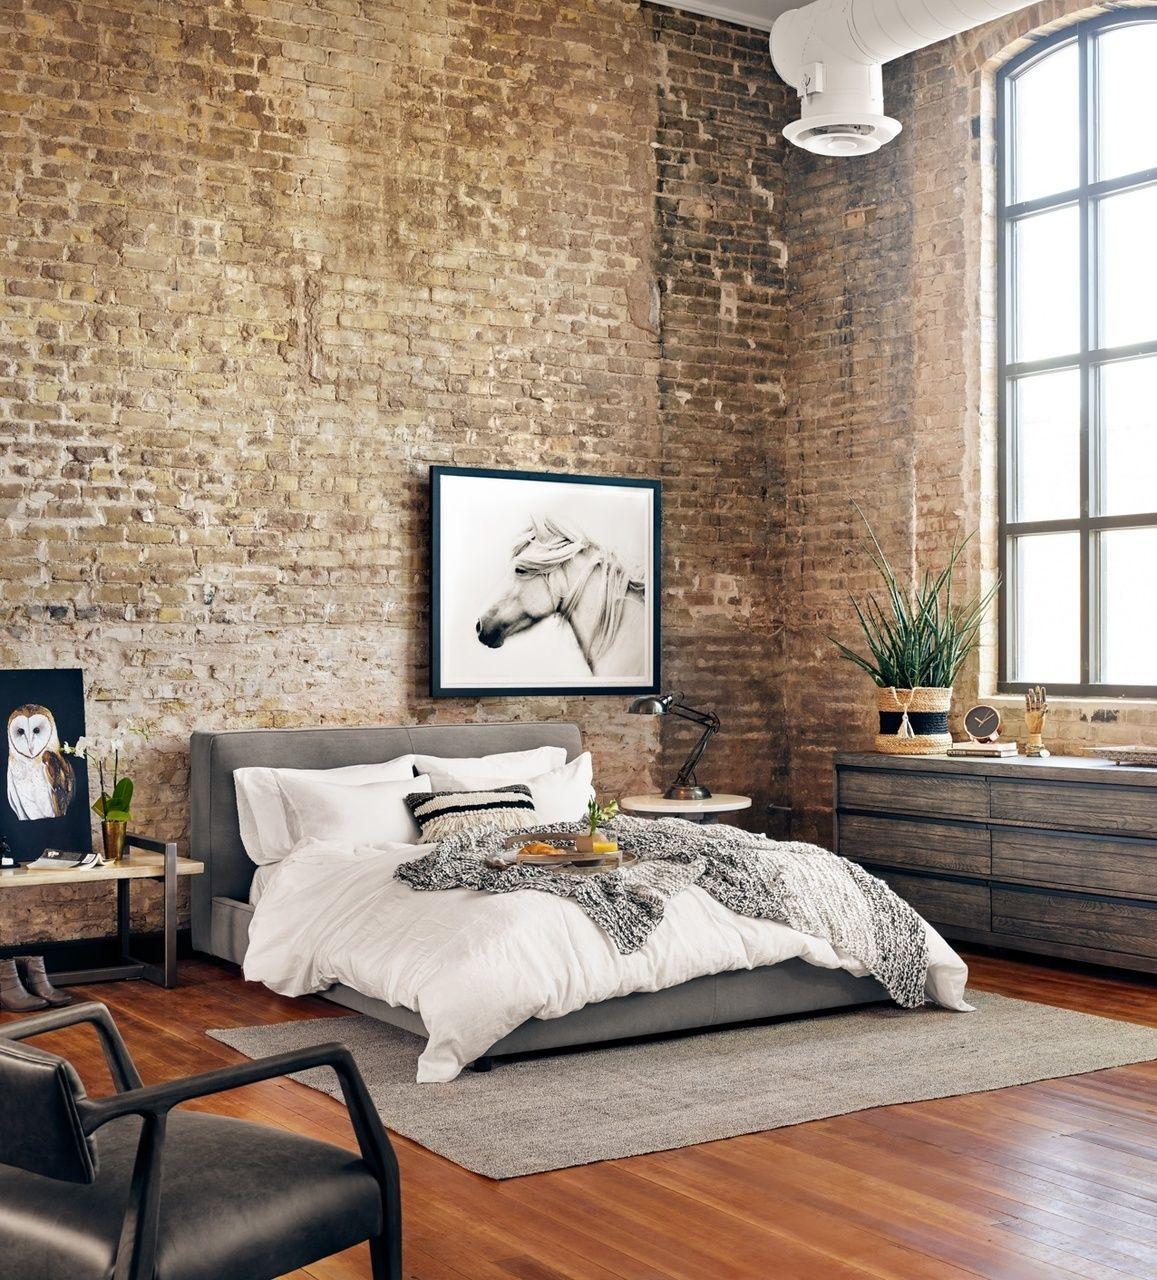 Loft bedroom style  Gardiner Low Profile Upholstered King Platform Bed  King platform